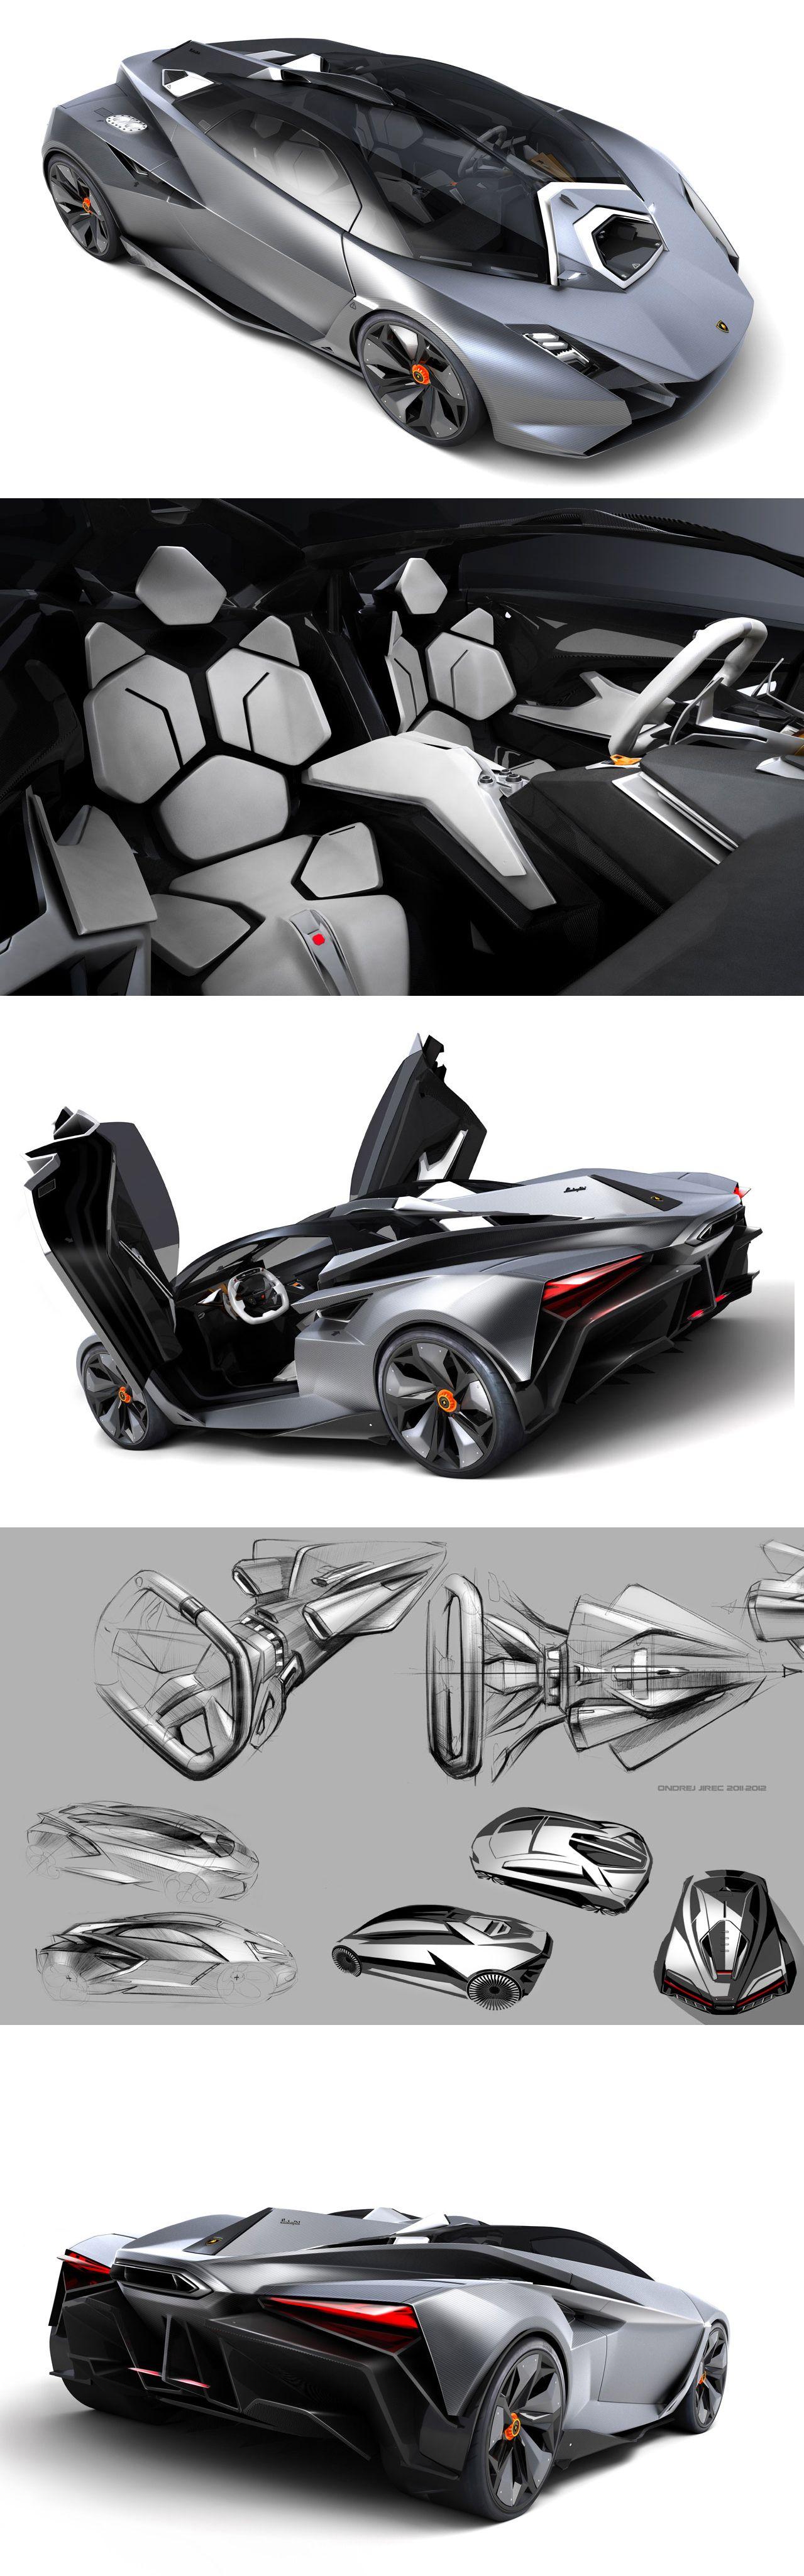 The McLaren 650S | Autos und Motorräder, Autos und Motorräder